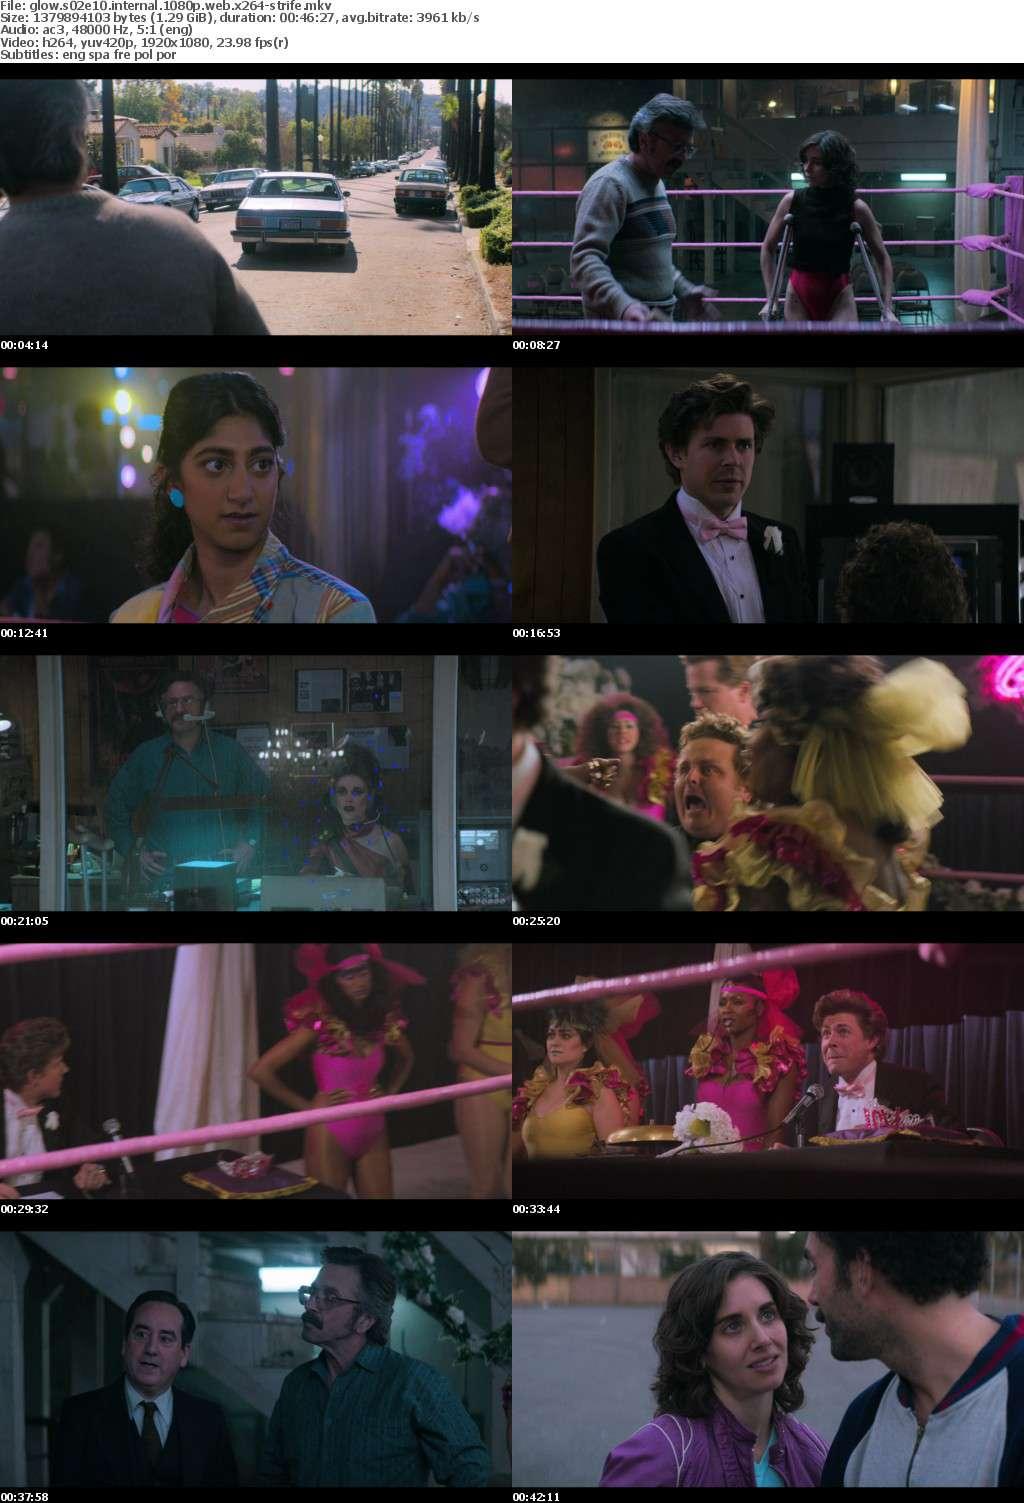 GLOW S02E10 iNTERNAL 1080p WEB x264-STRiFE